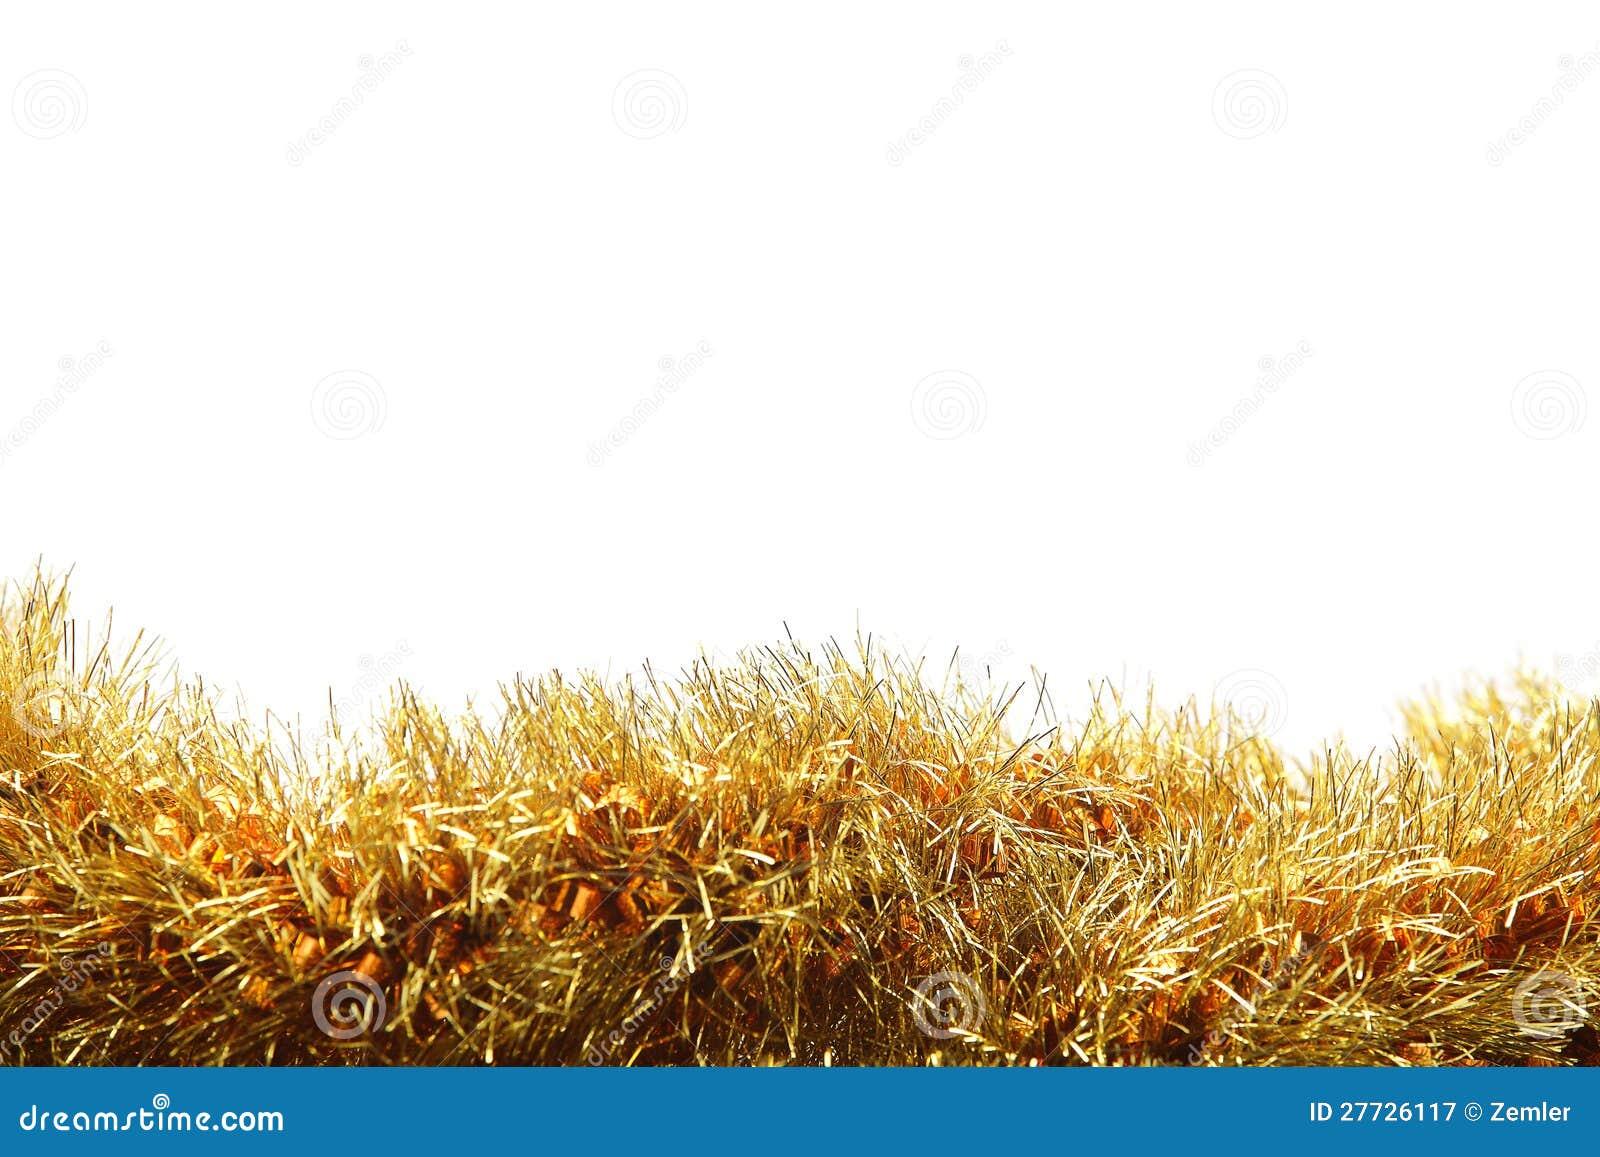 Goldfilterstreifen auf weißem Hintergrund